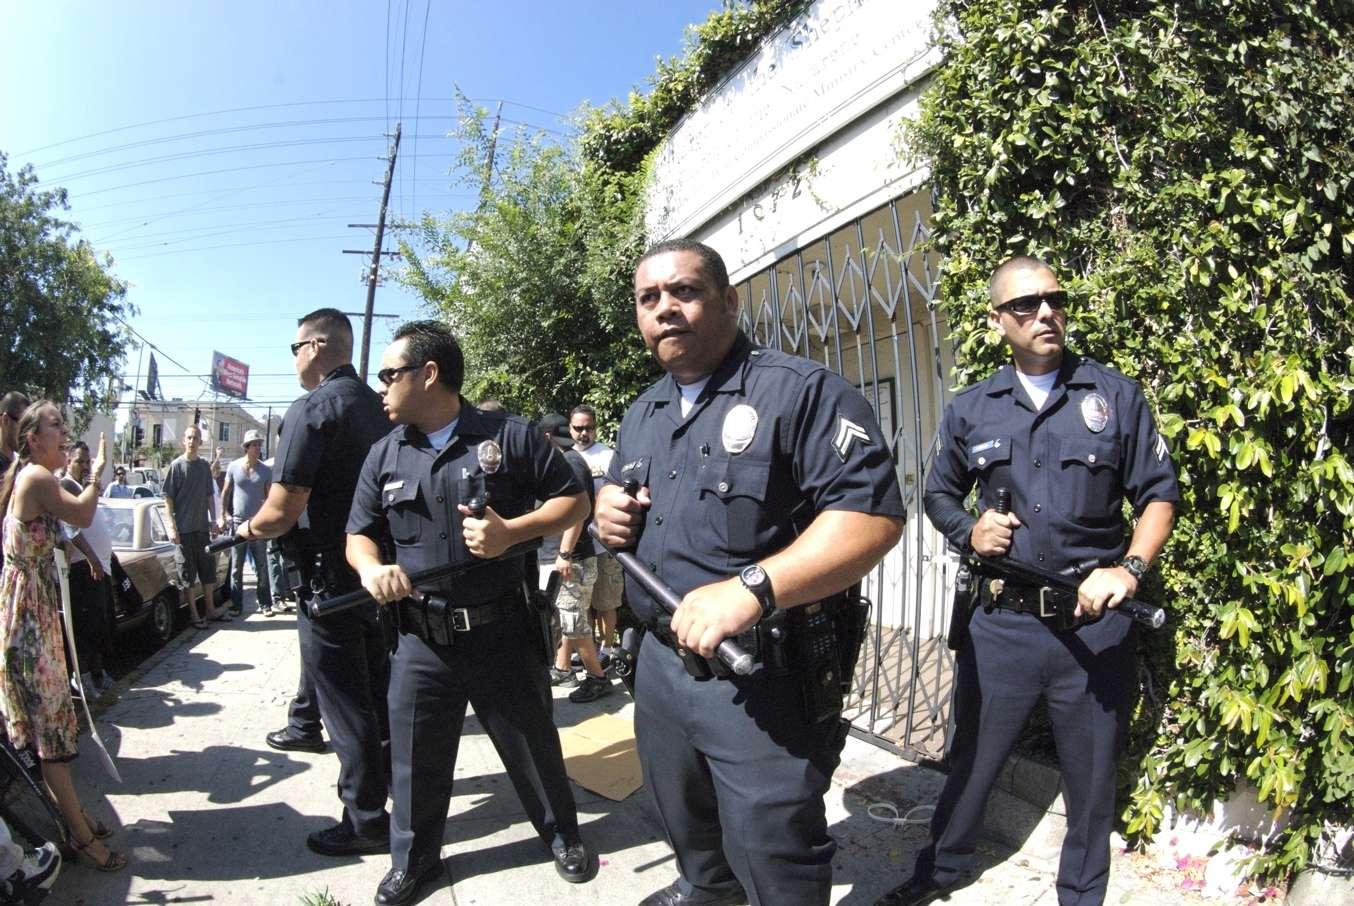 LAPD De-escalation